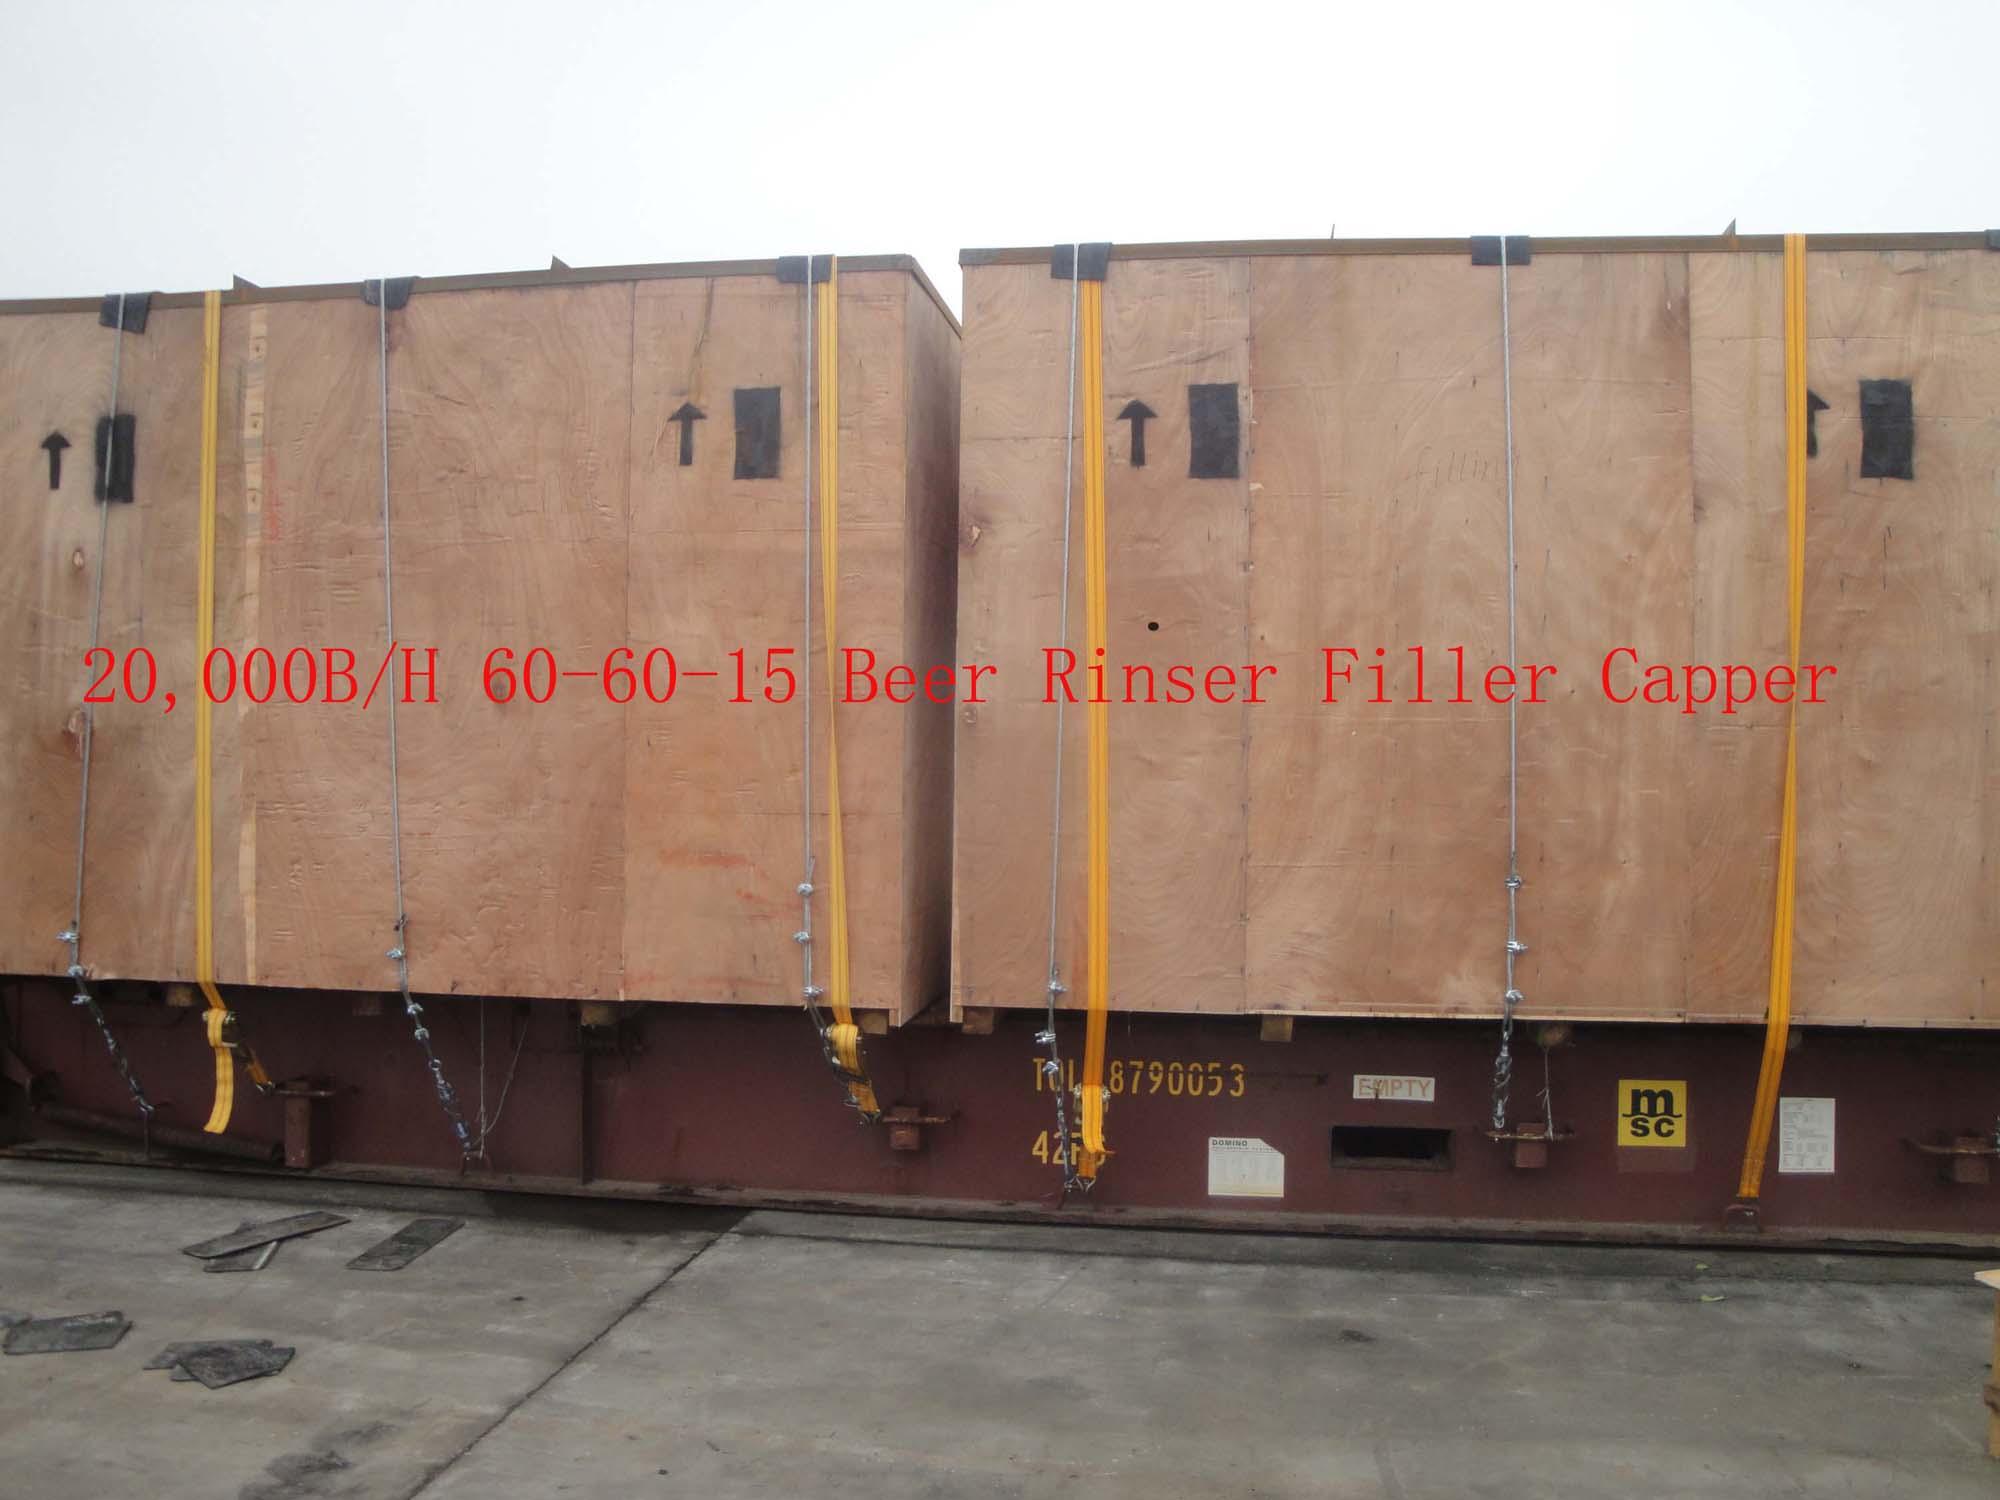 60-60-15 Beer Rinser Filler Capper Loading Container